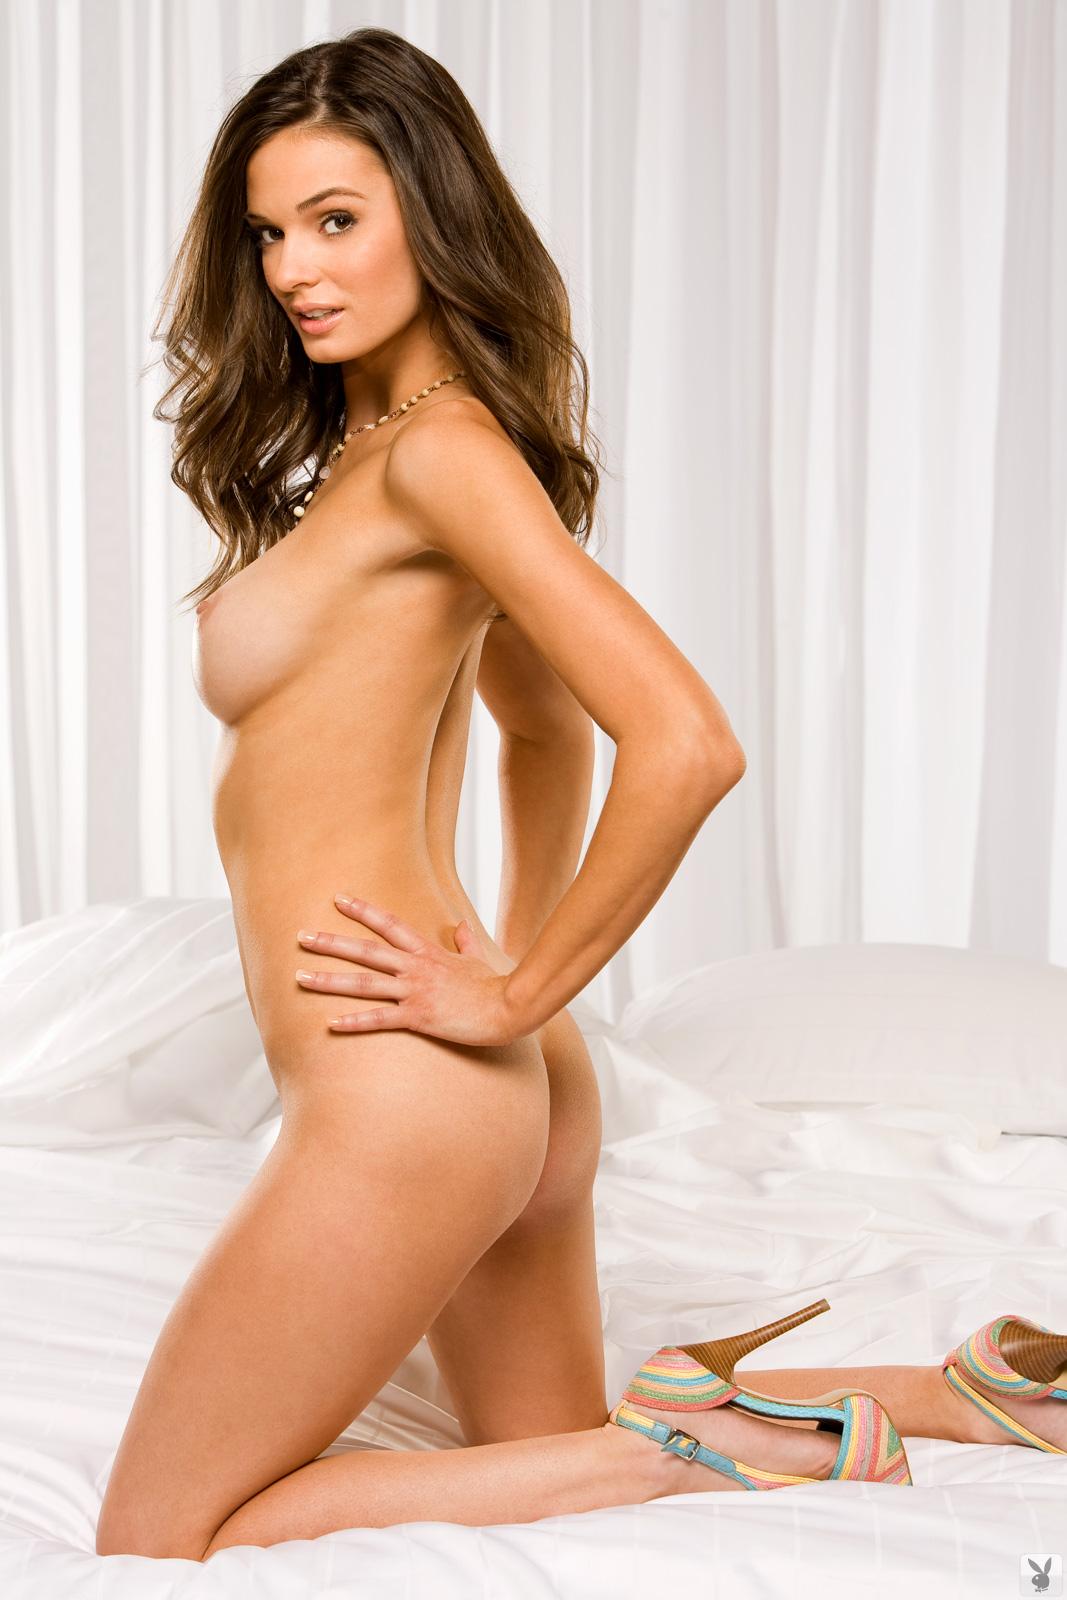 Kassie%2BLyn%2BLogsdon Carmen Electra Nude